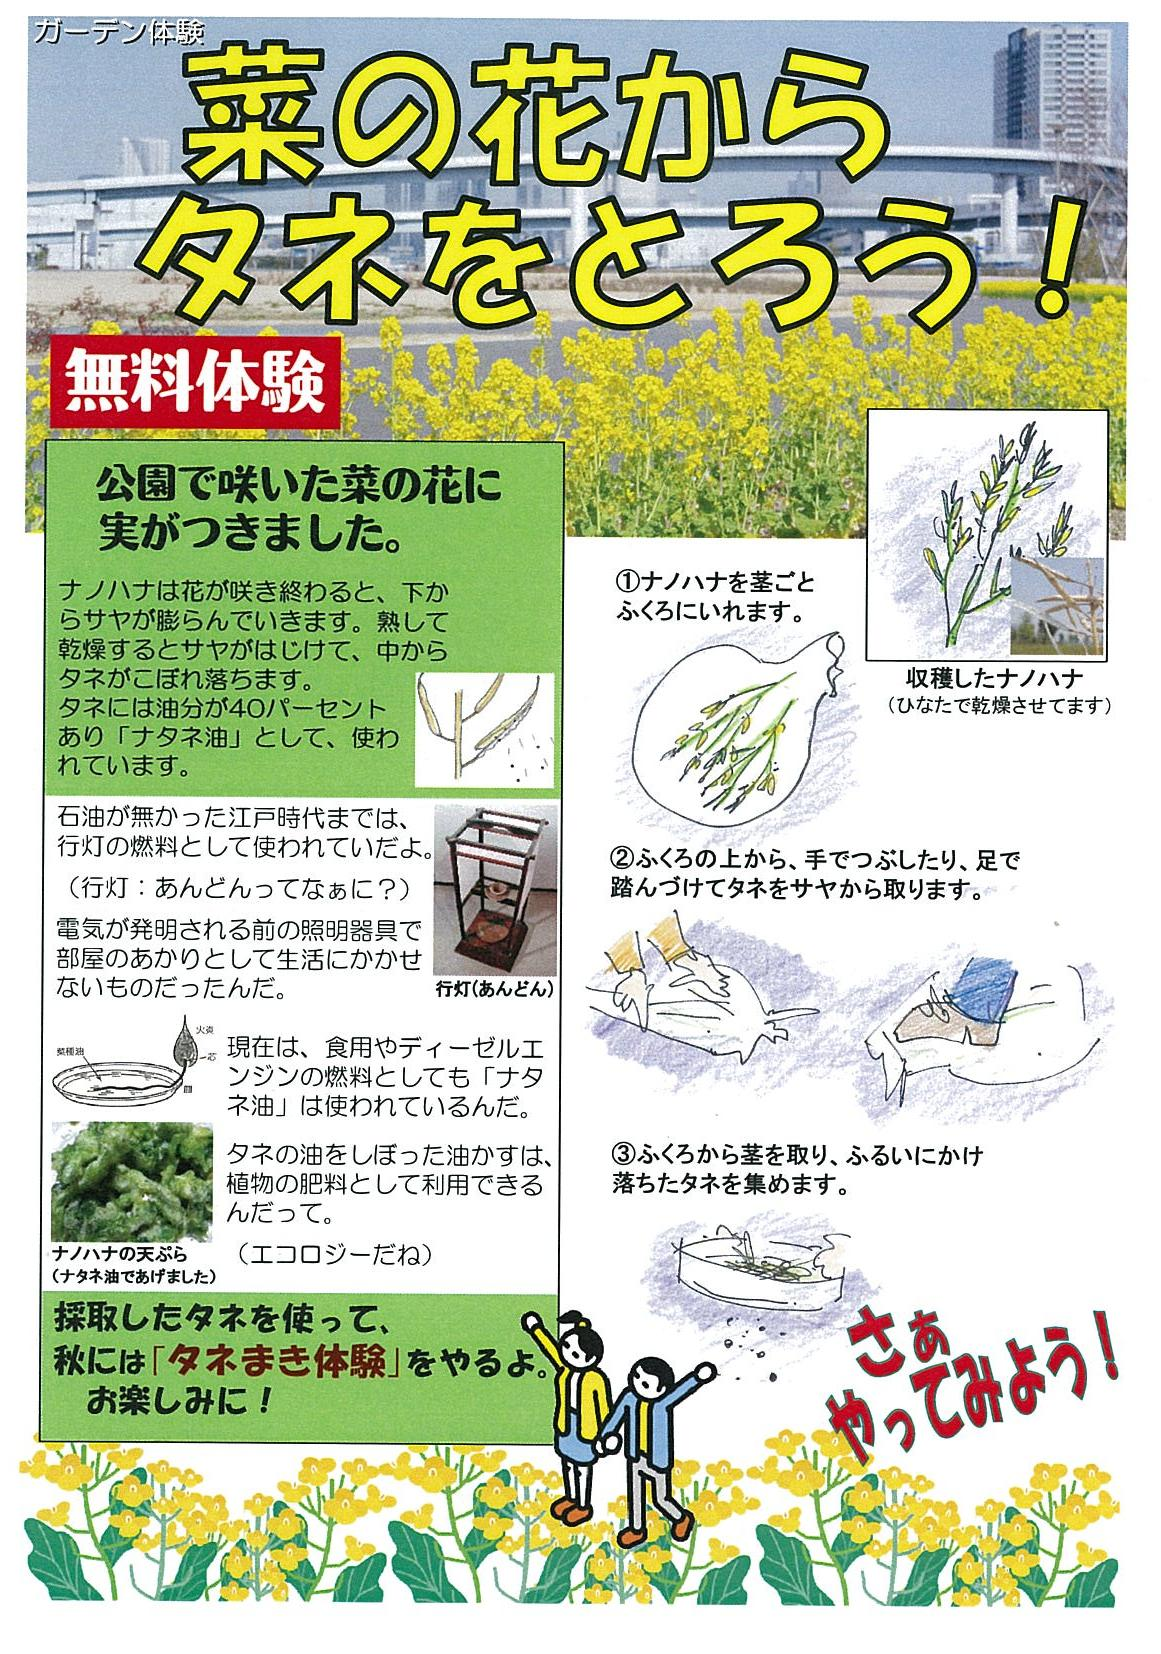 「ナタネ(菜の花の種)取り体験」をしたよ。_e0235911_21462884.jpg